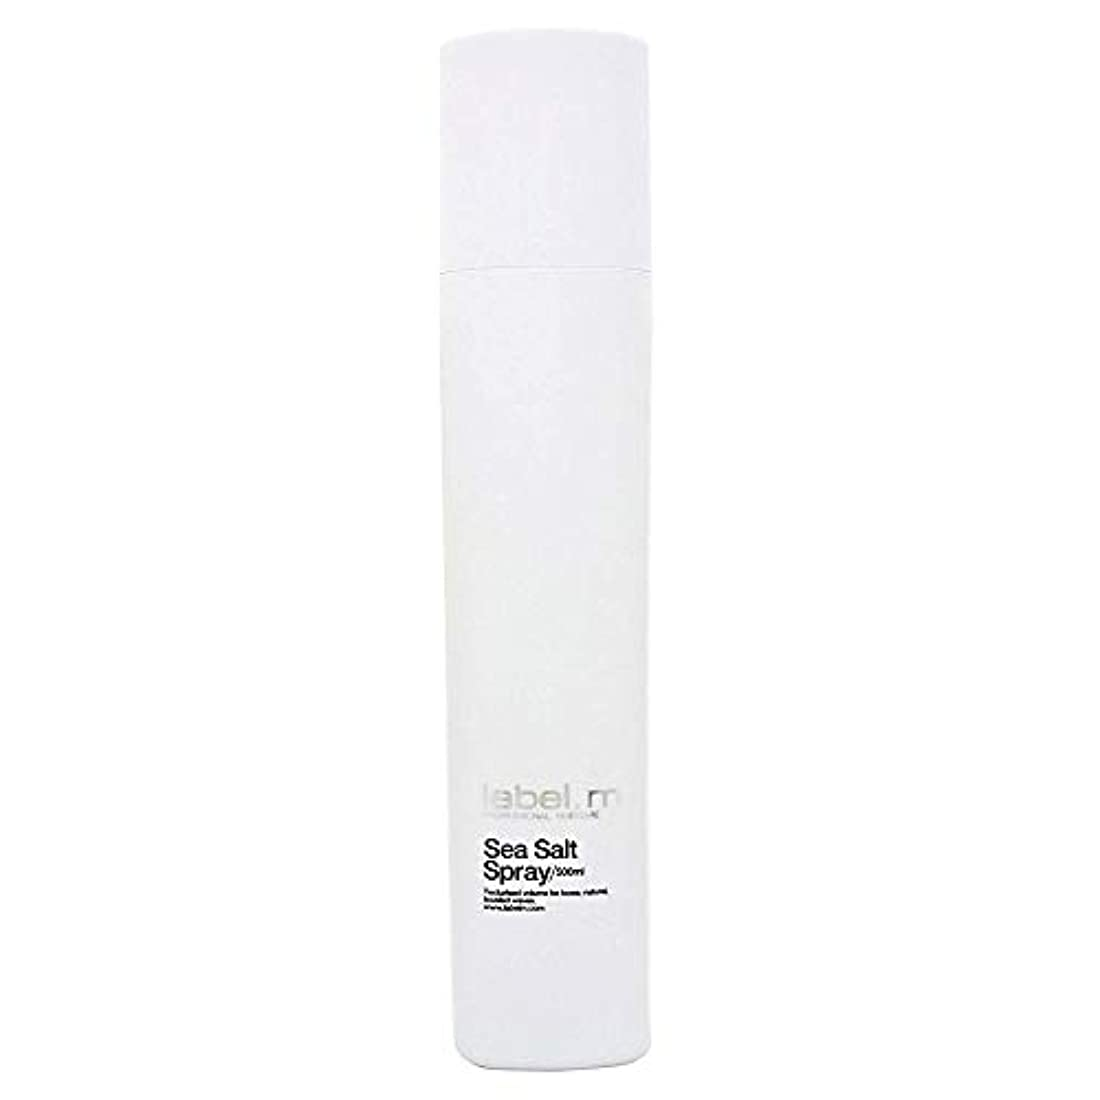 蒸し器本体ハンディキャップToni & Guy Label.m海塩スプレー、500ミリリットル(16.9 OZ) 16.9オンス